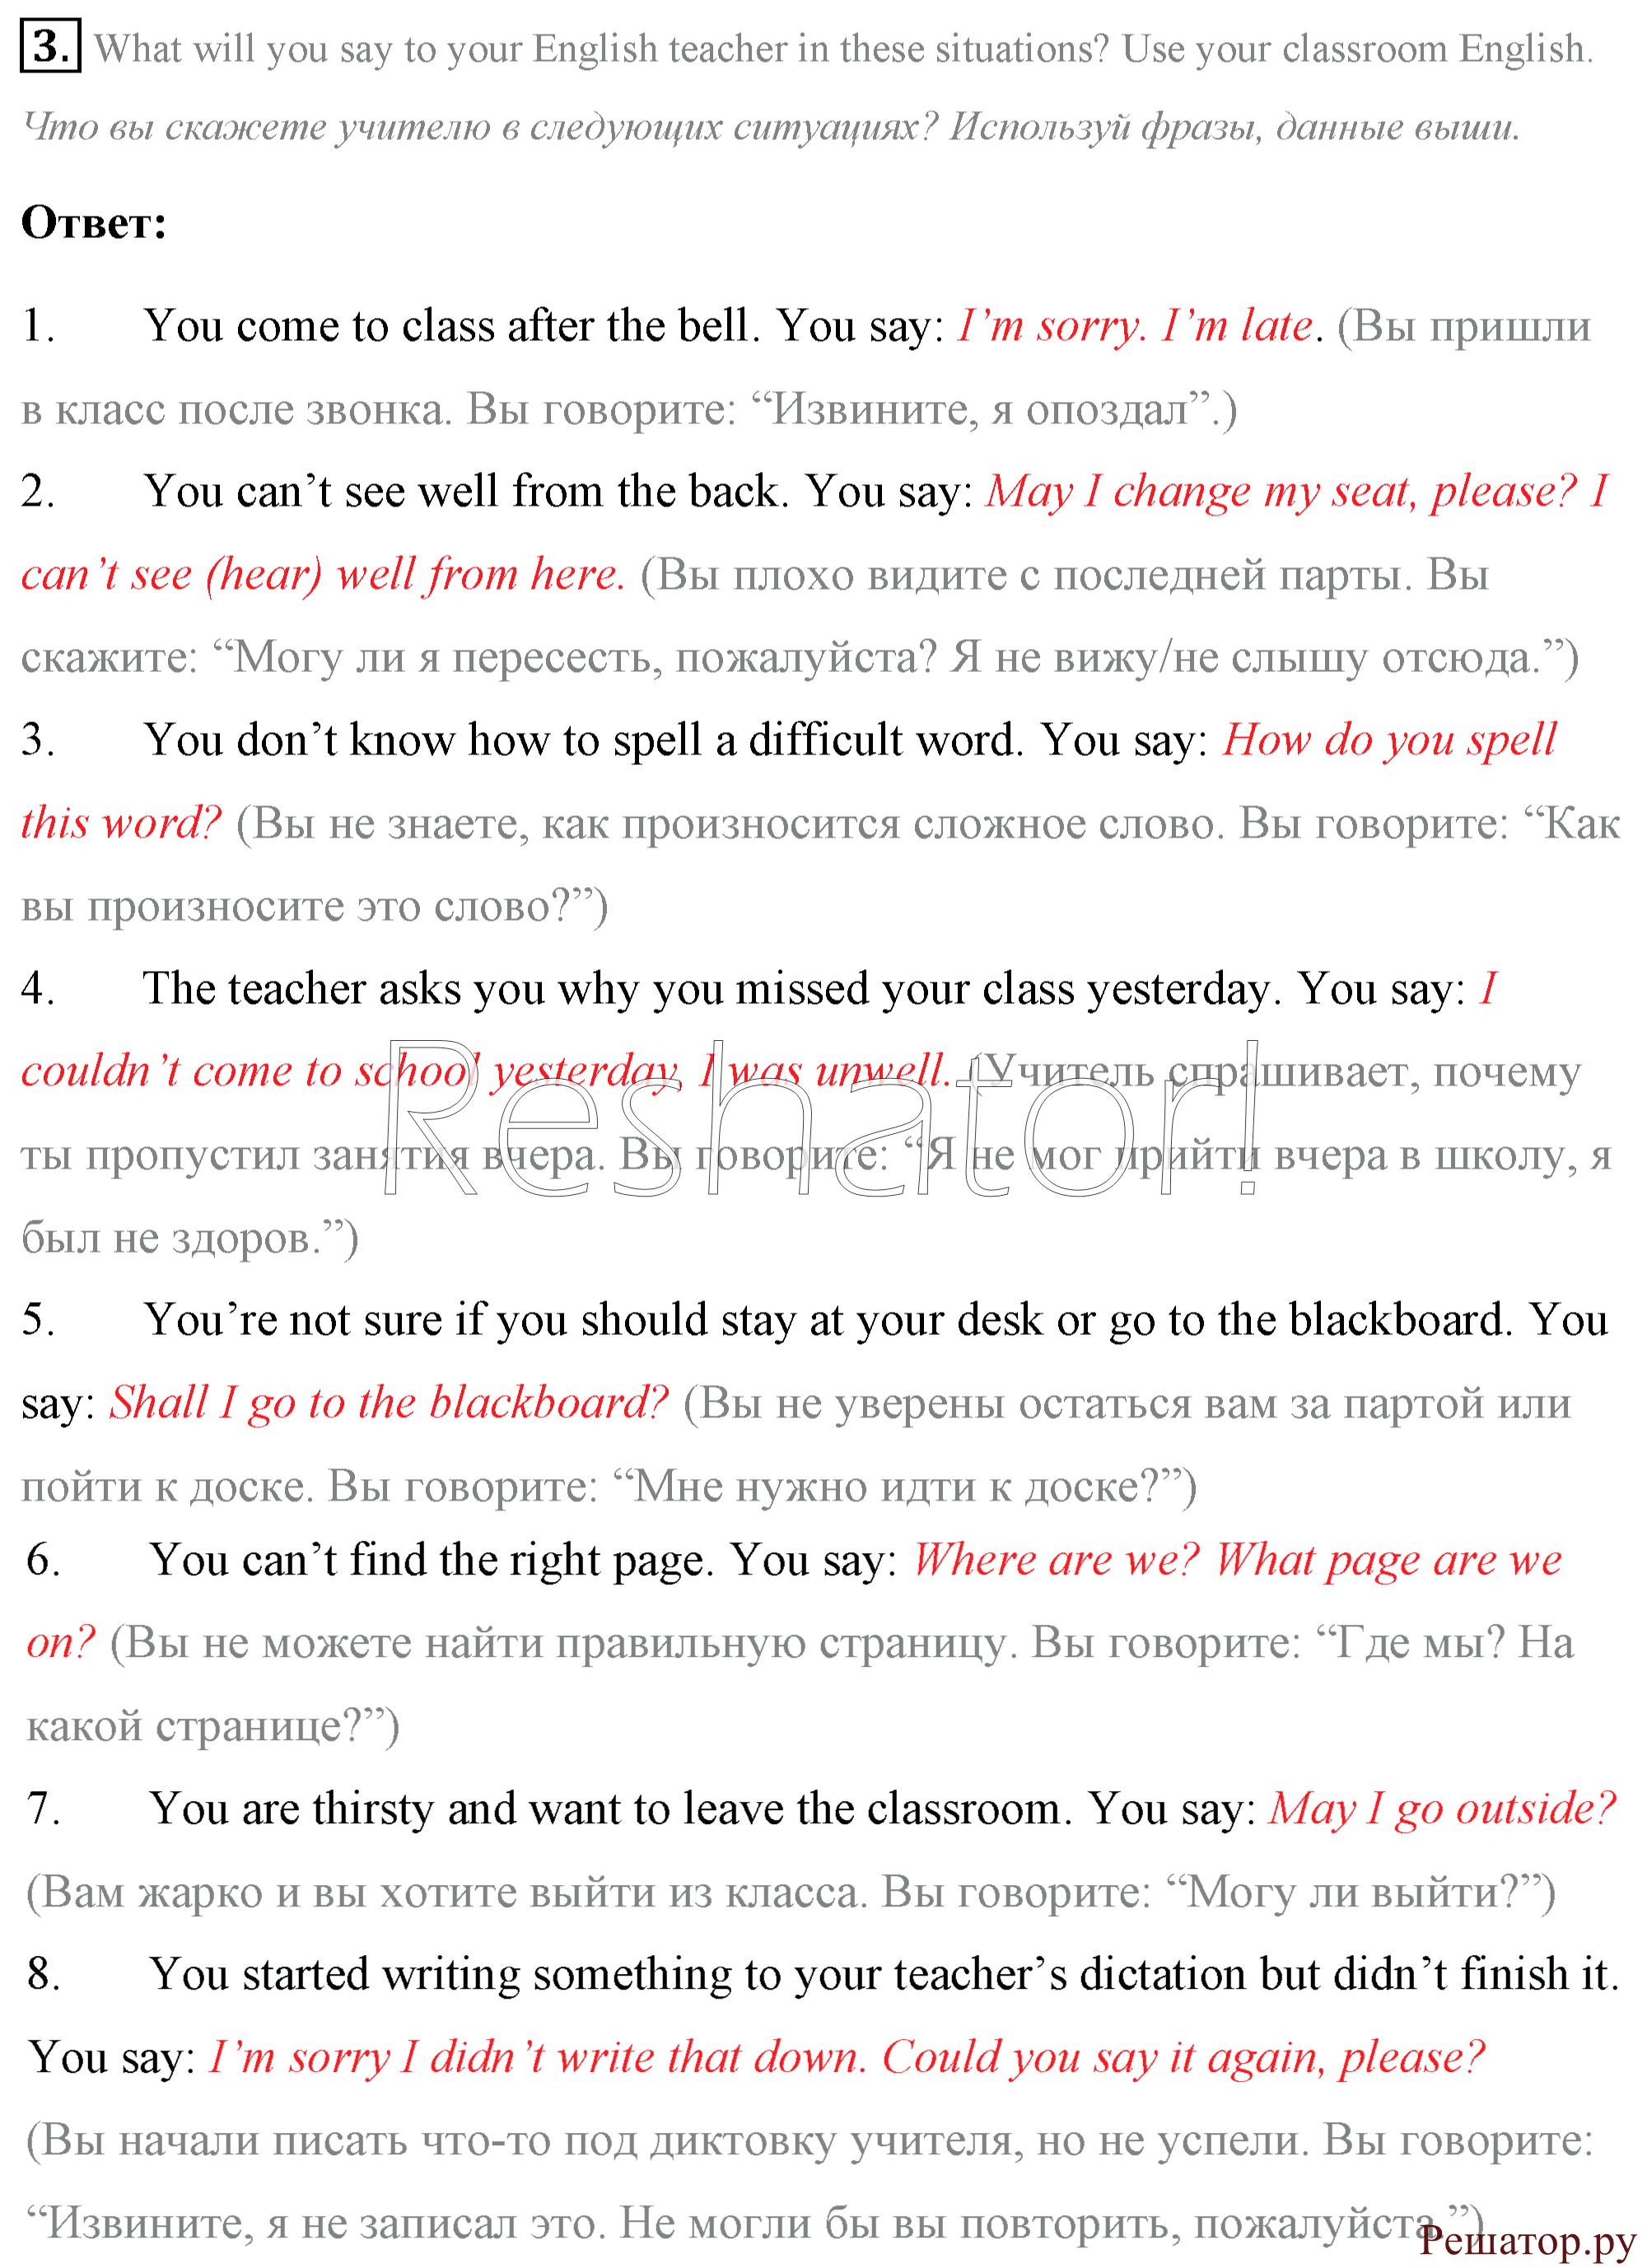 английский 7 класс рейнбоу инглиш афанасьева